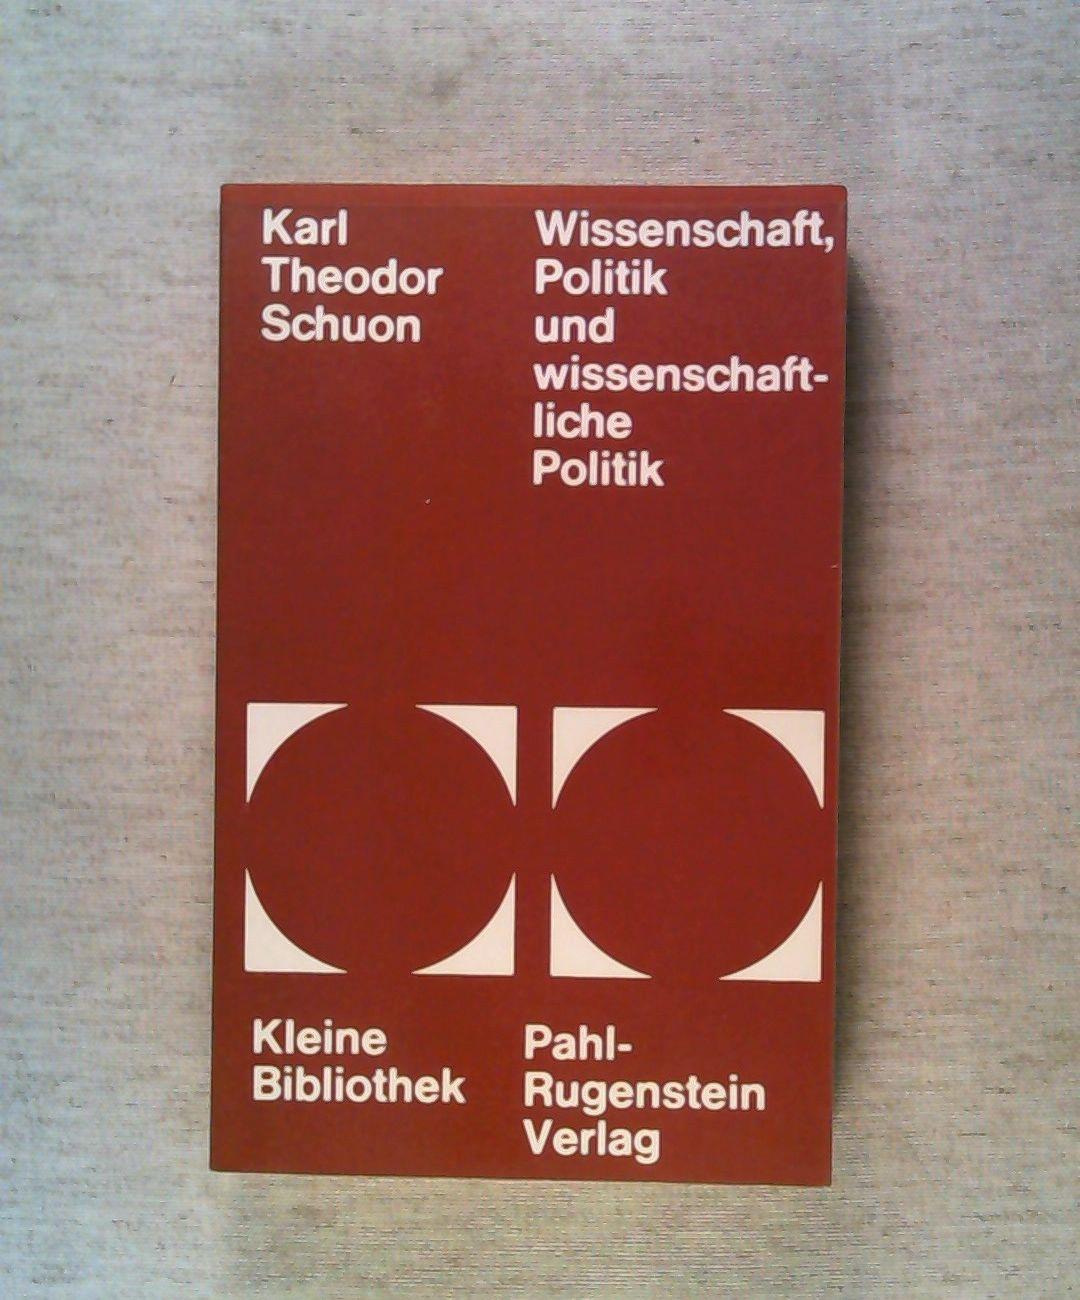 Karl Theodor Schuon: Wissenschaft, Politik und wissenschaftliche: Schuon Karl Theodor: